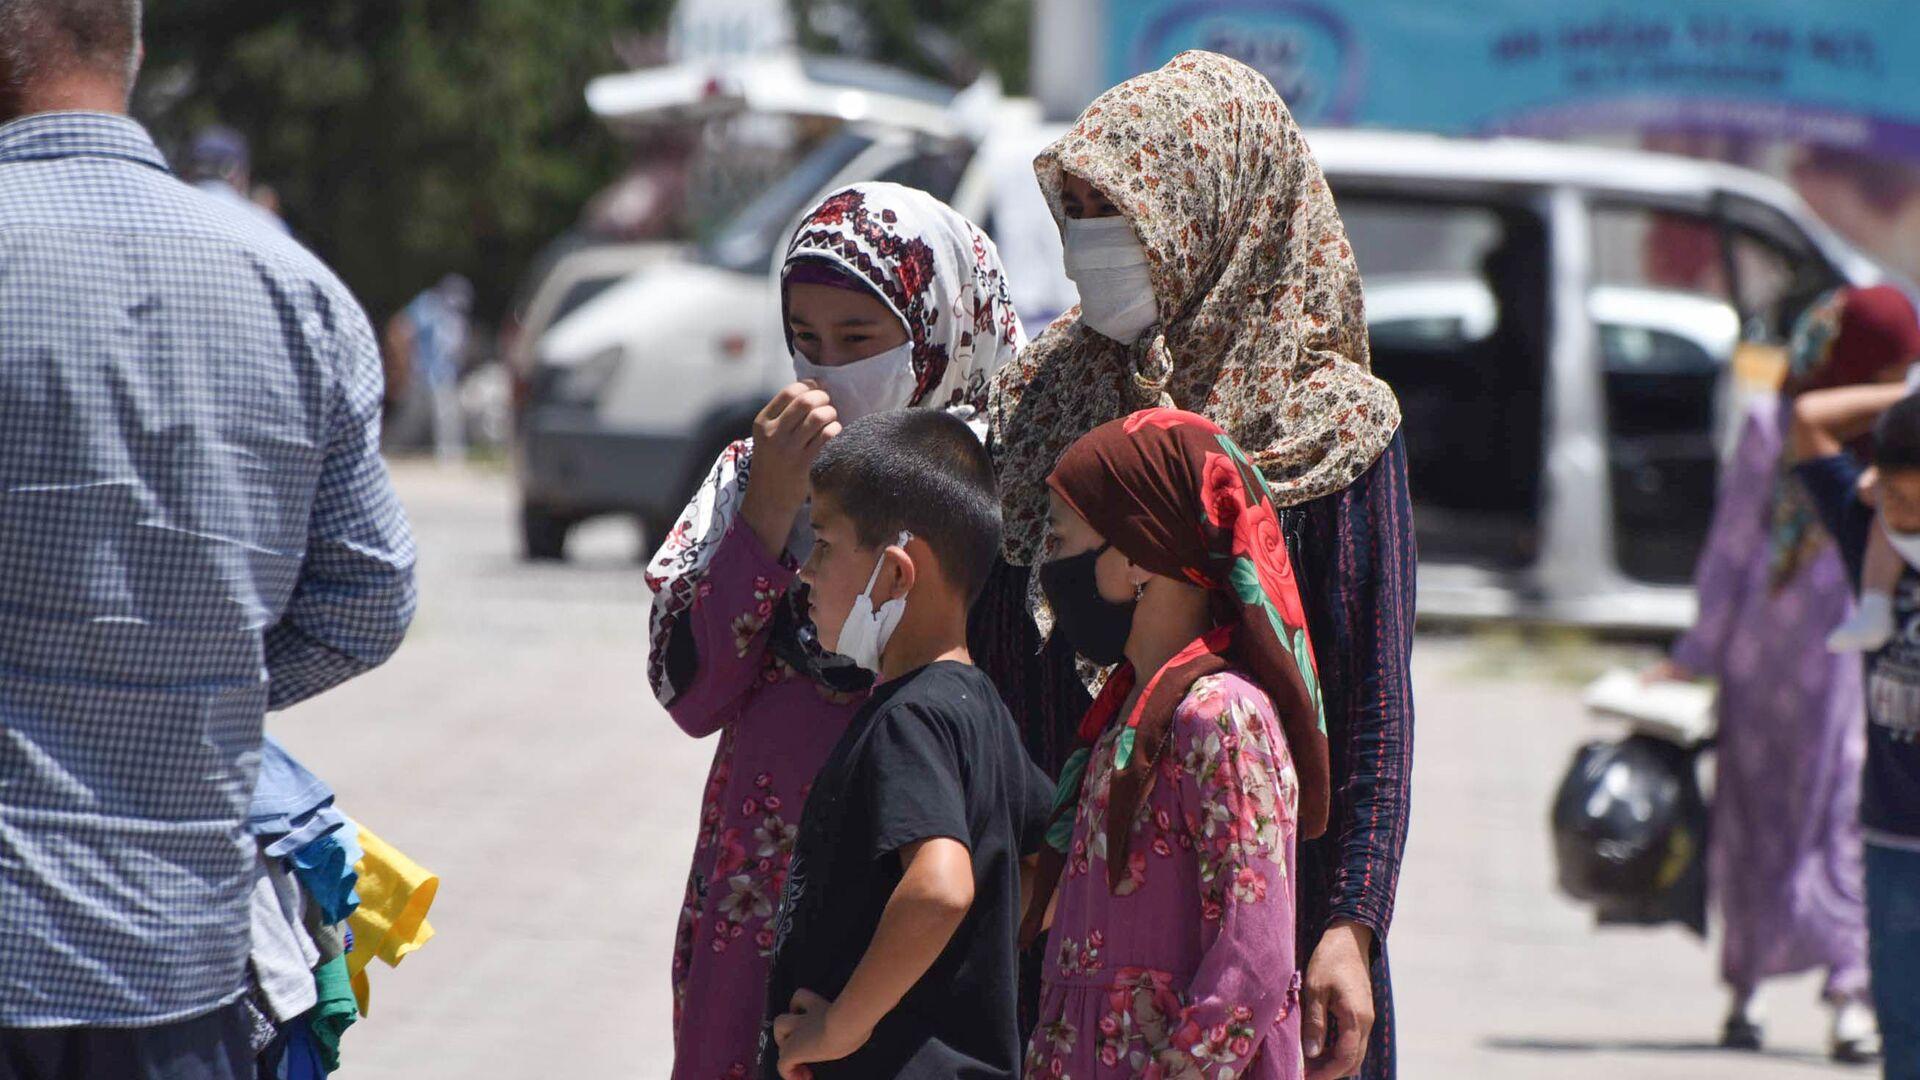 Люди в масках в районе Рудаки, архивное фото - Sputnik Таджикистан, 1920, 26.07.2021